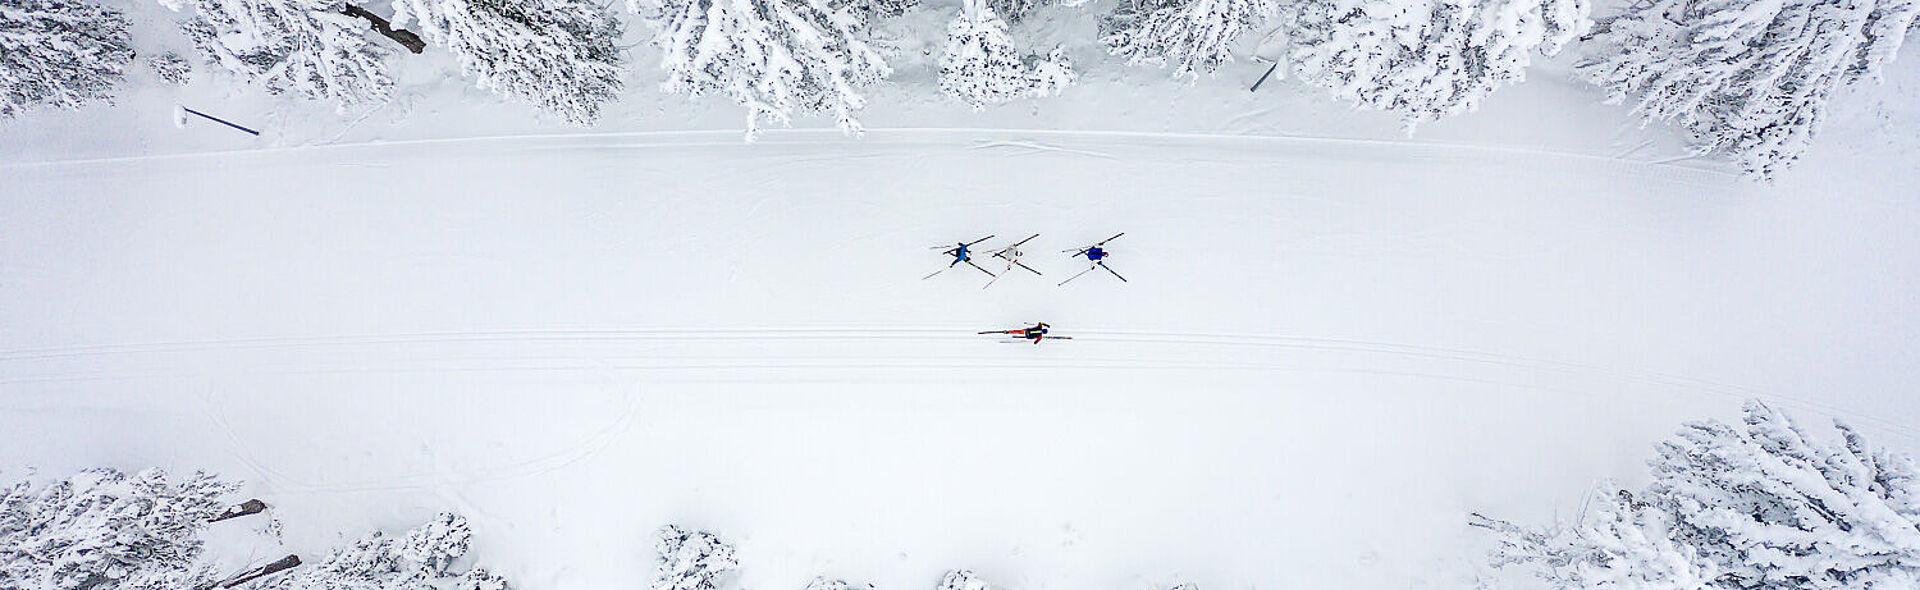 Oberwiesenthal Fichtelberg Trainingszentrum Skilanglauf Biathlon Nordische Kombination